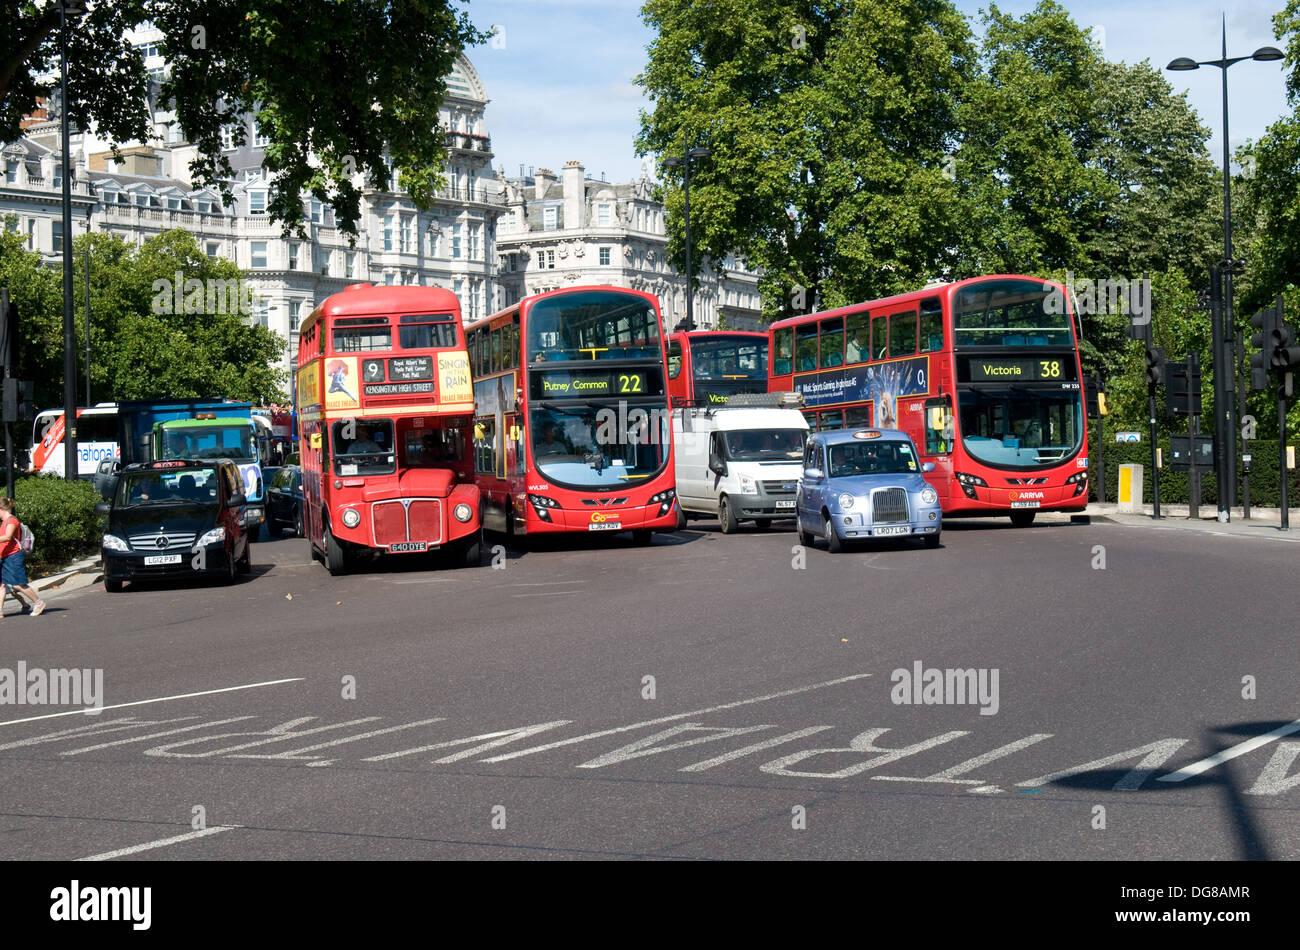 Una mezcla de los autobuses y los taxis se alejan de un semáforo en la esquina de Hyde Park, Londres. Imagen De Stock